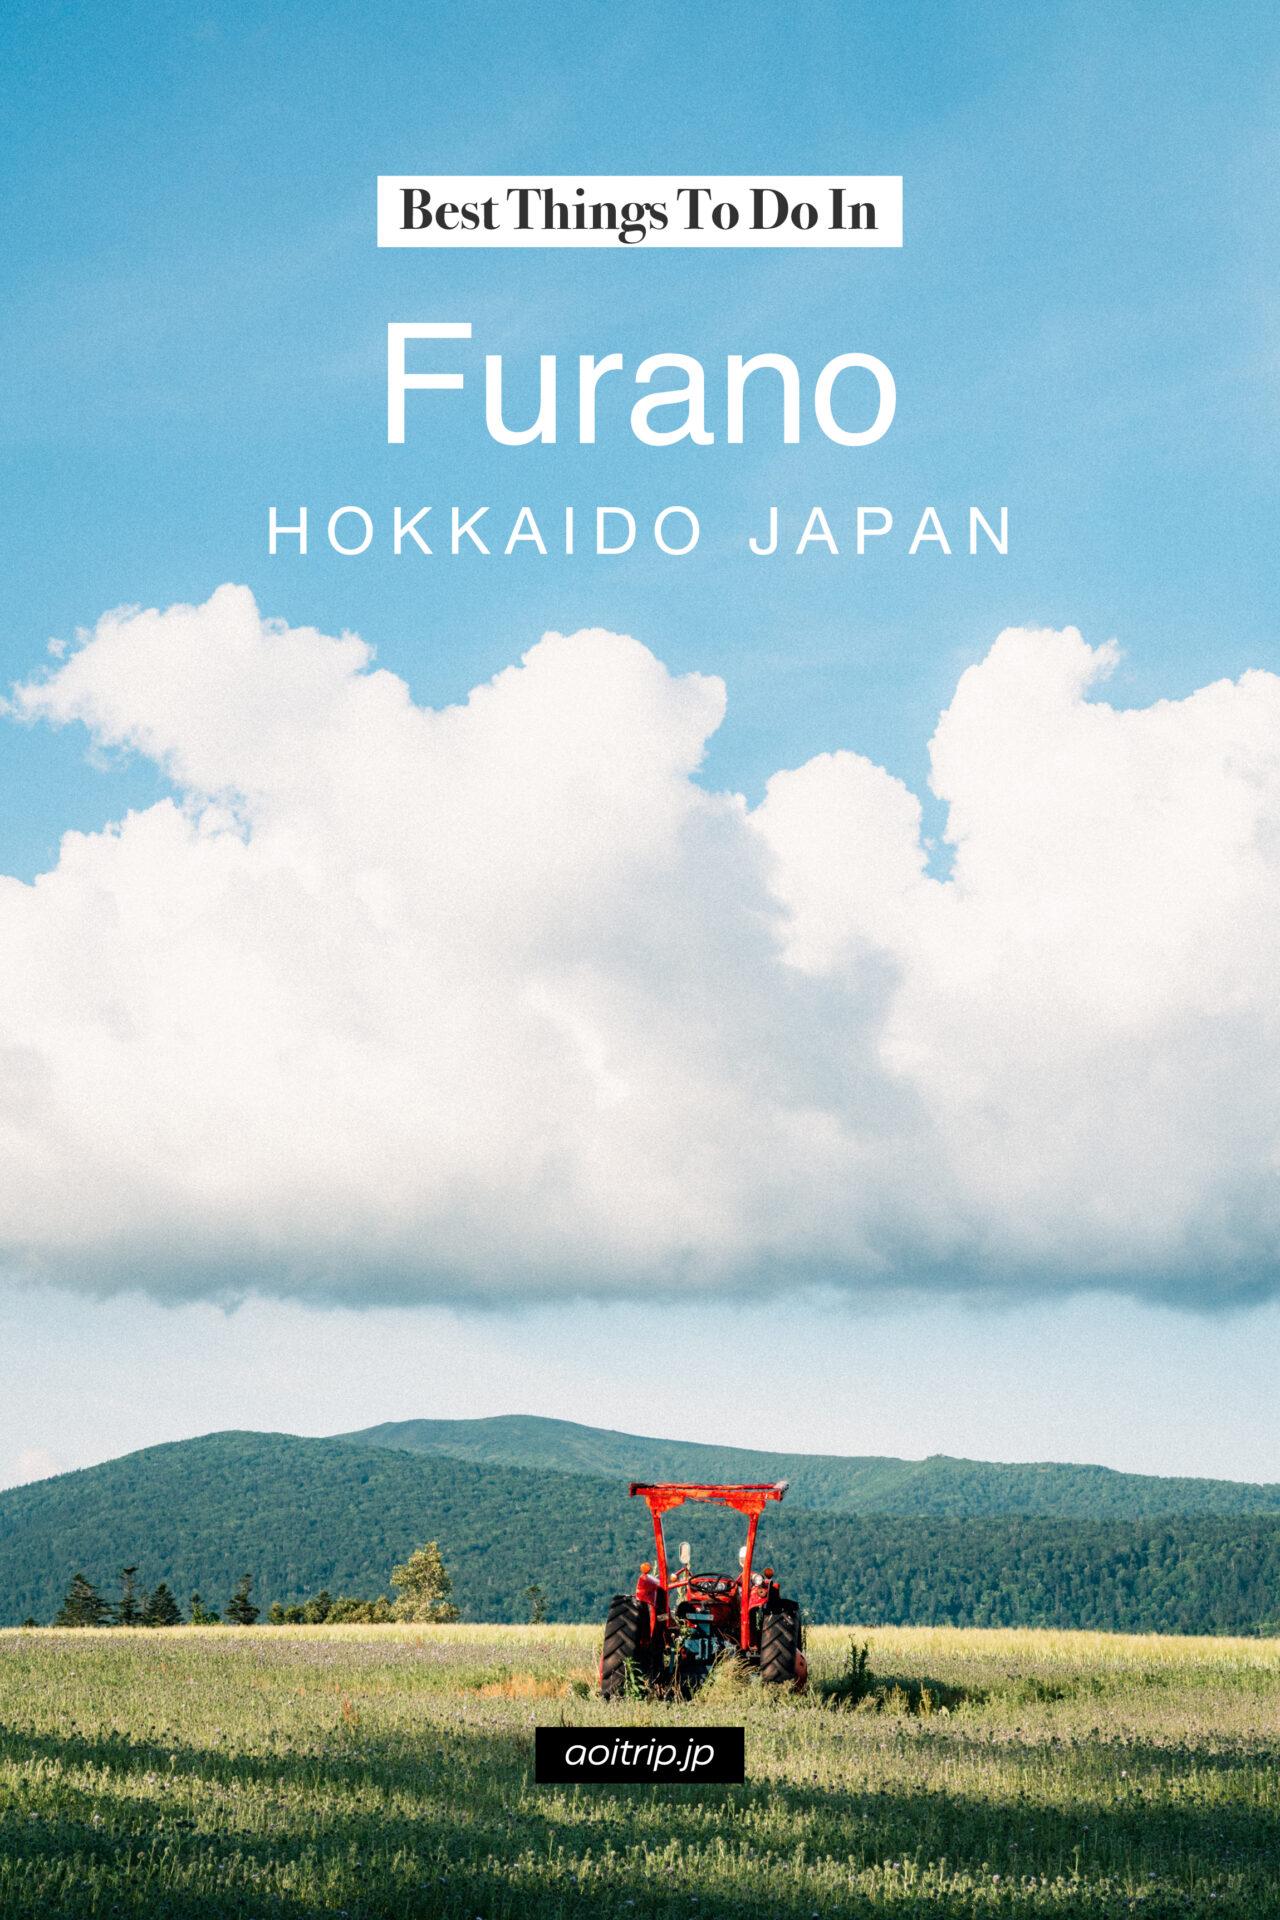 北海道 富良野の観光見どころ Exploring Furano, Hokkaido Travel Guide